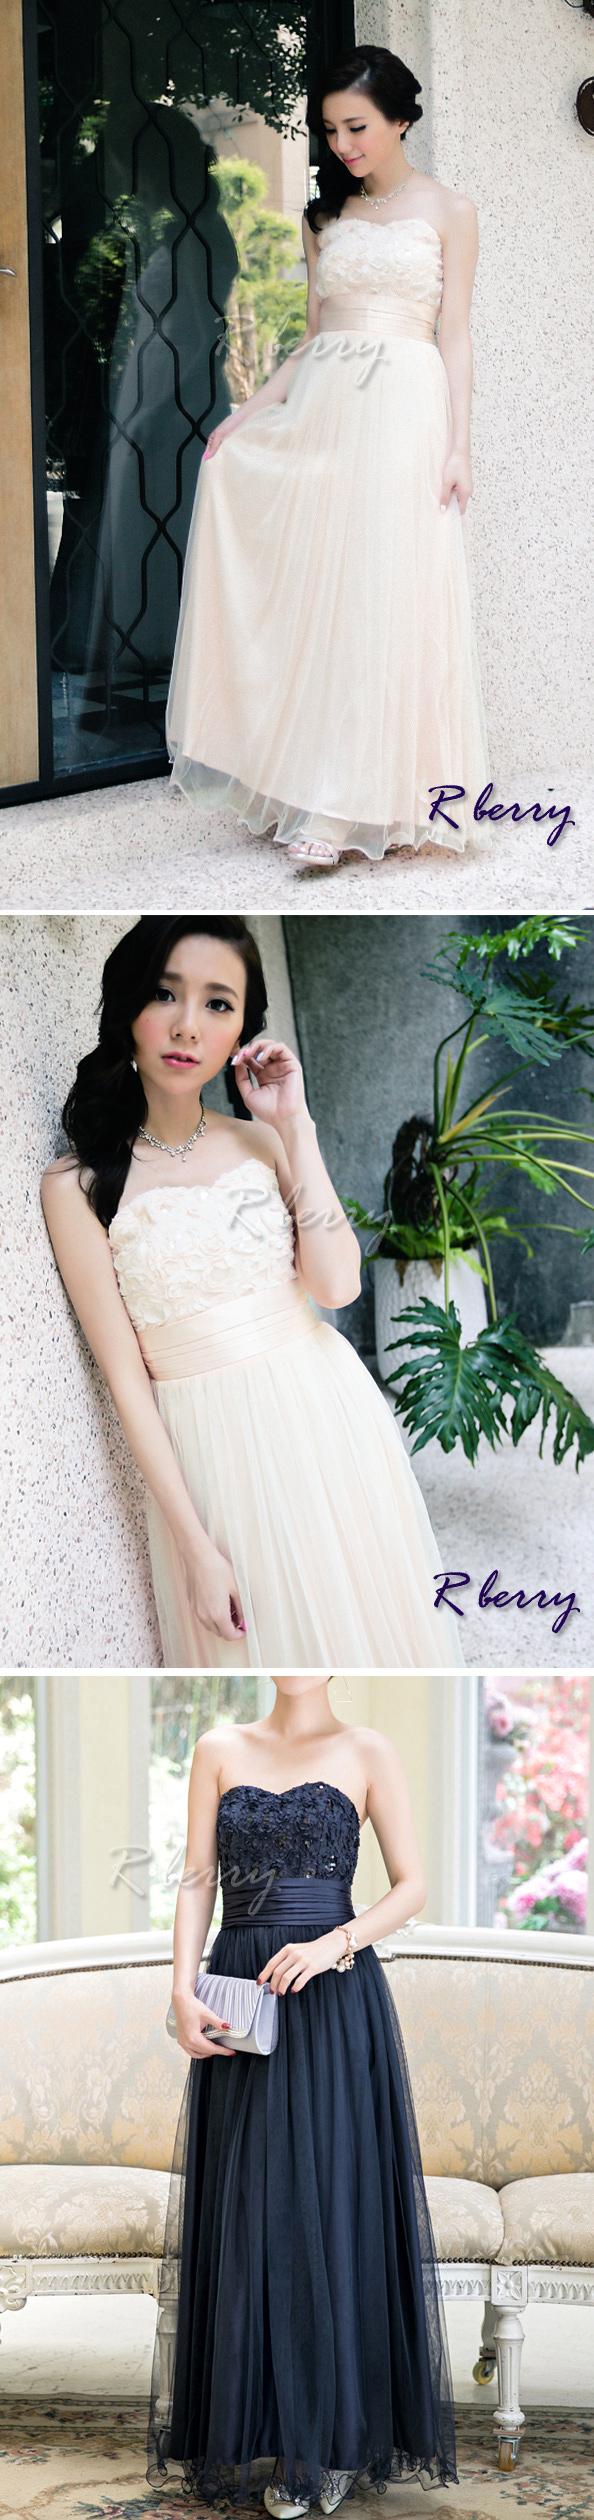 ブライズメイドドレス ロング ロングドレス 結婚式 二次会 花嫁